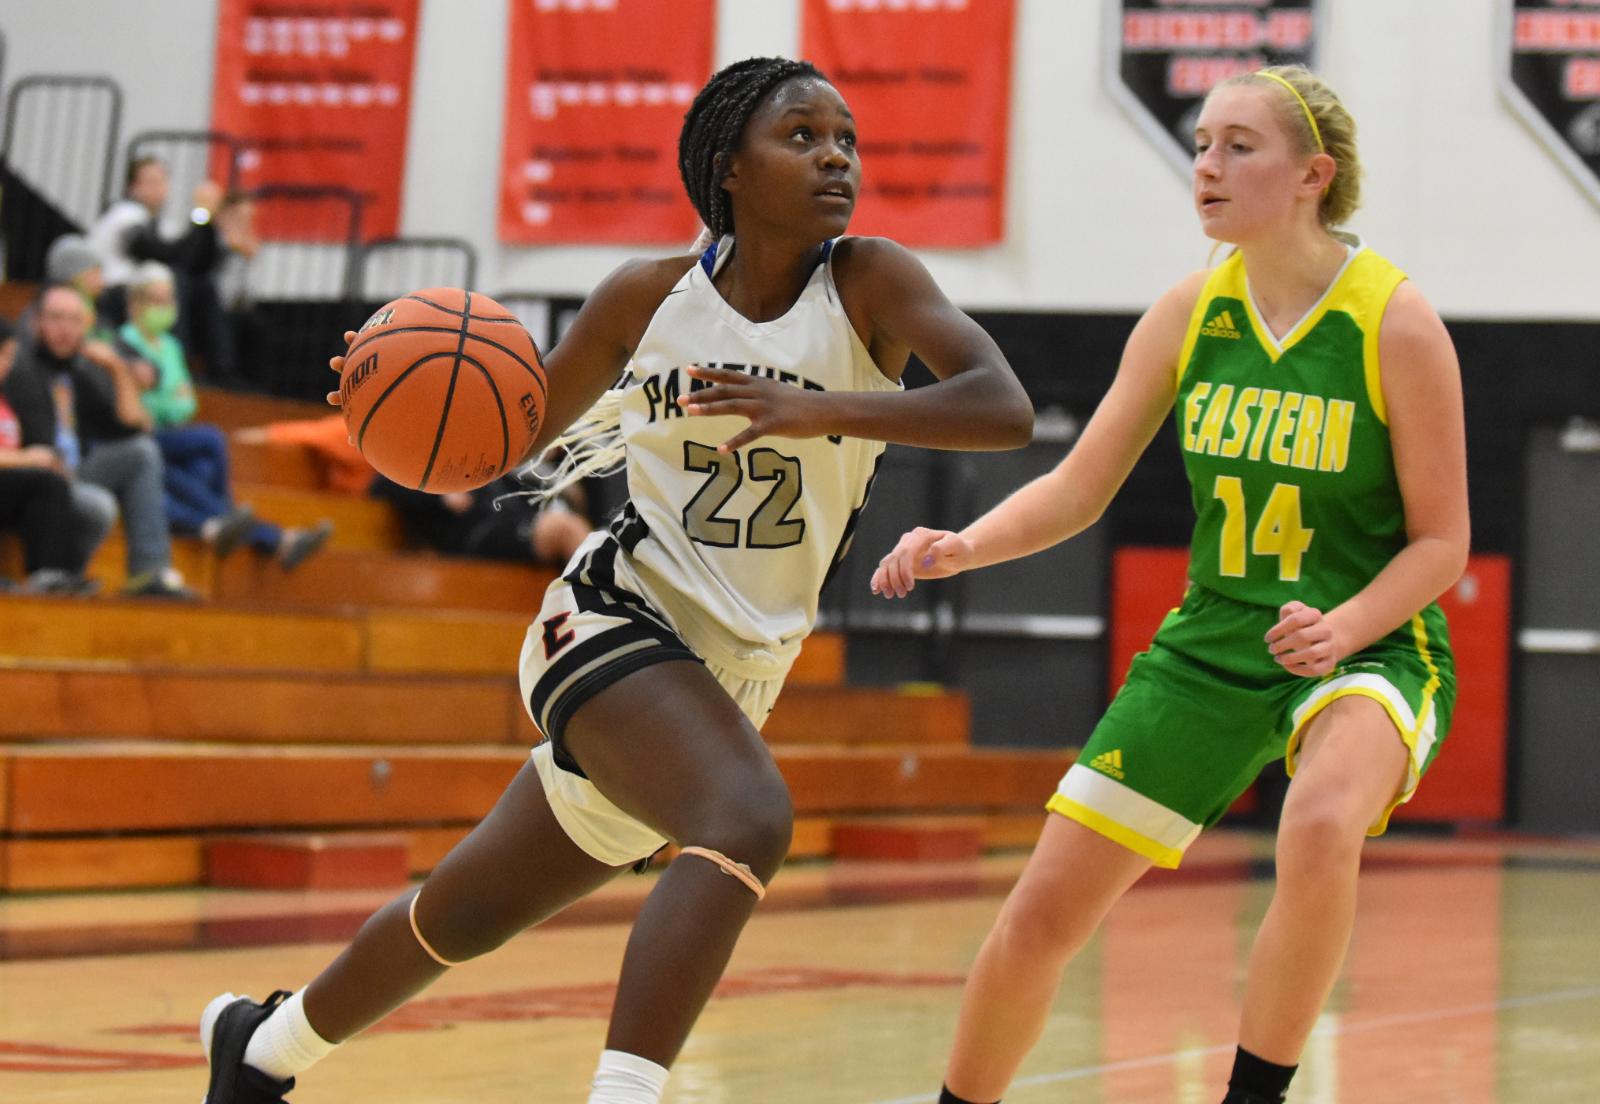 Varsity Girls Basketball vs Eastern